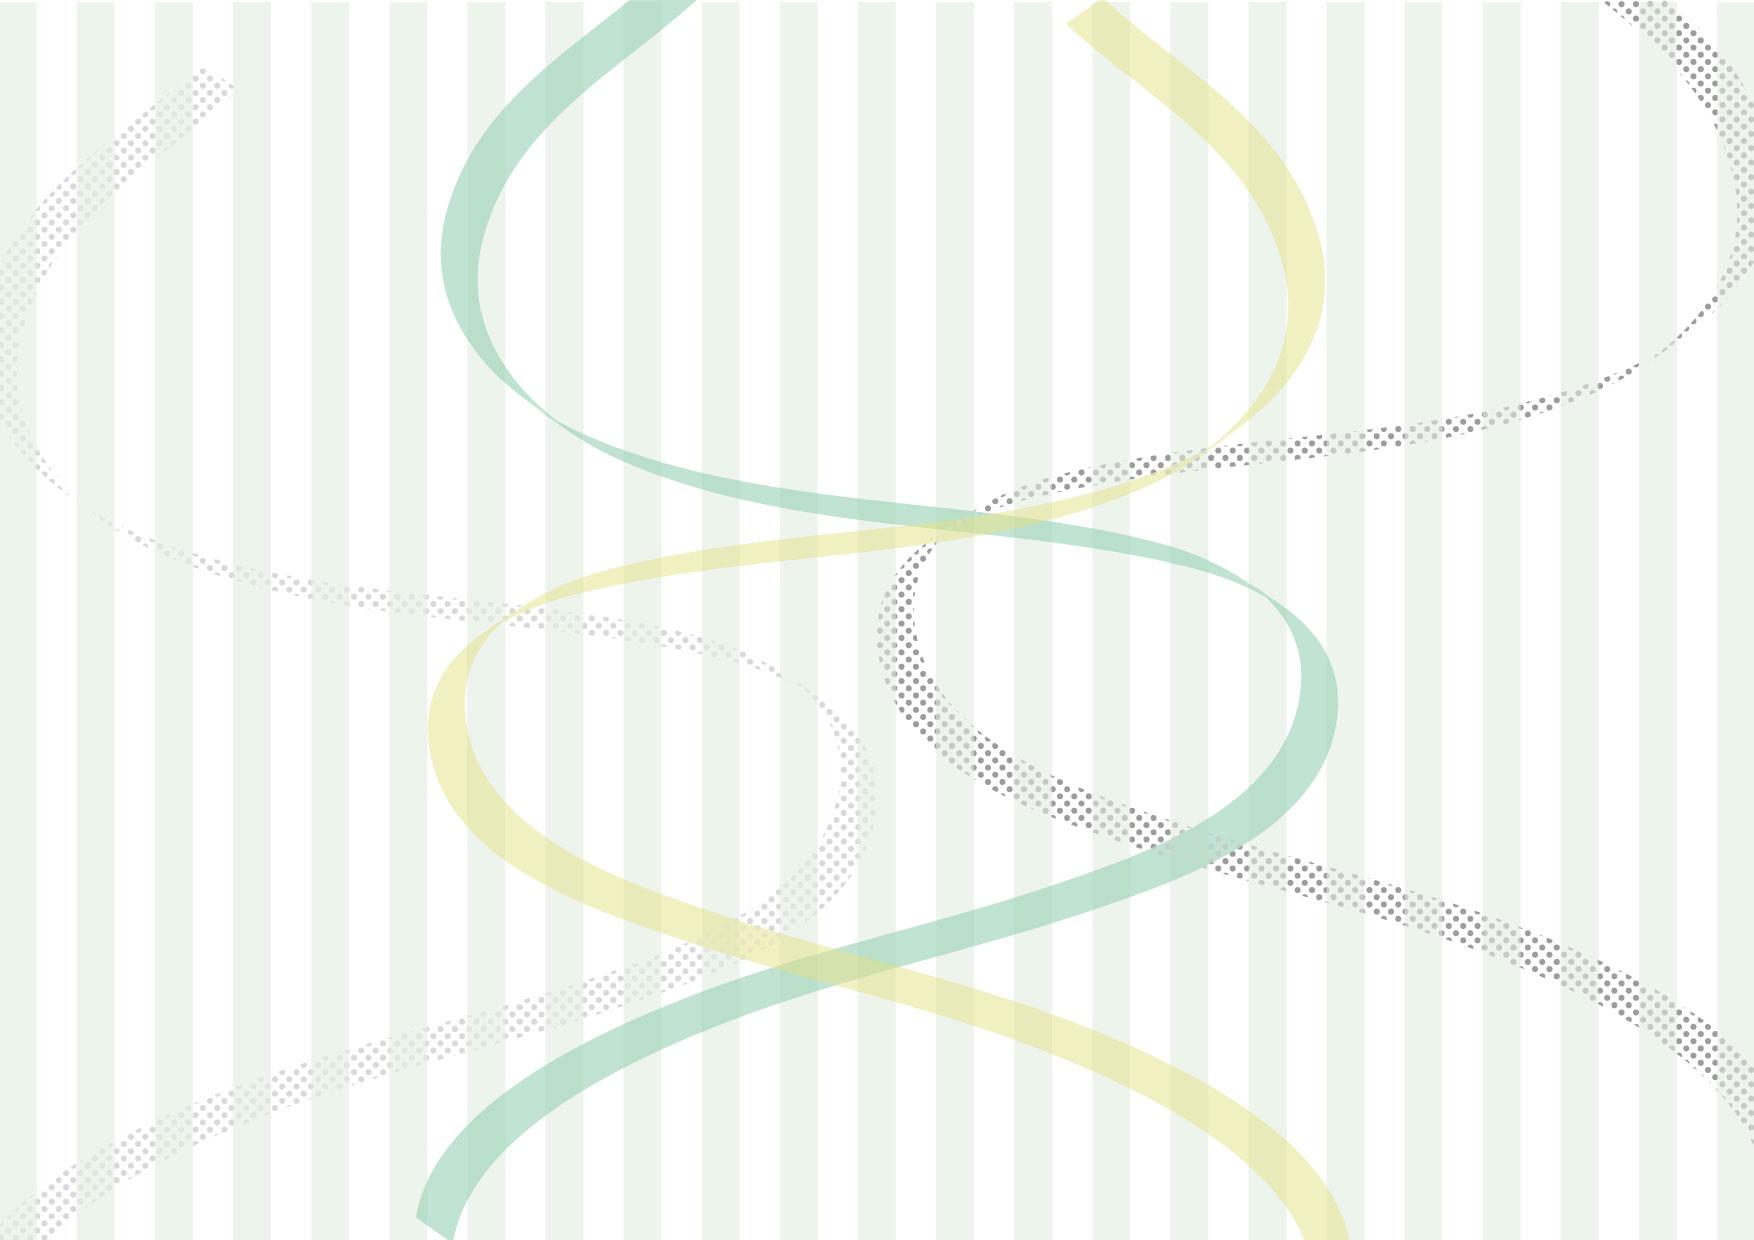 可愛いイラスト無料|リボン ストライプ グリーン 背景 − free illustration Ribbon stripe green background